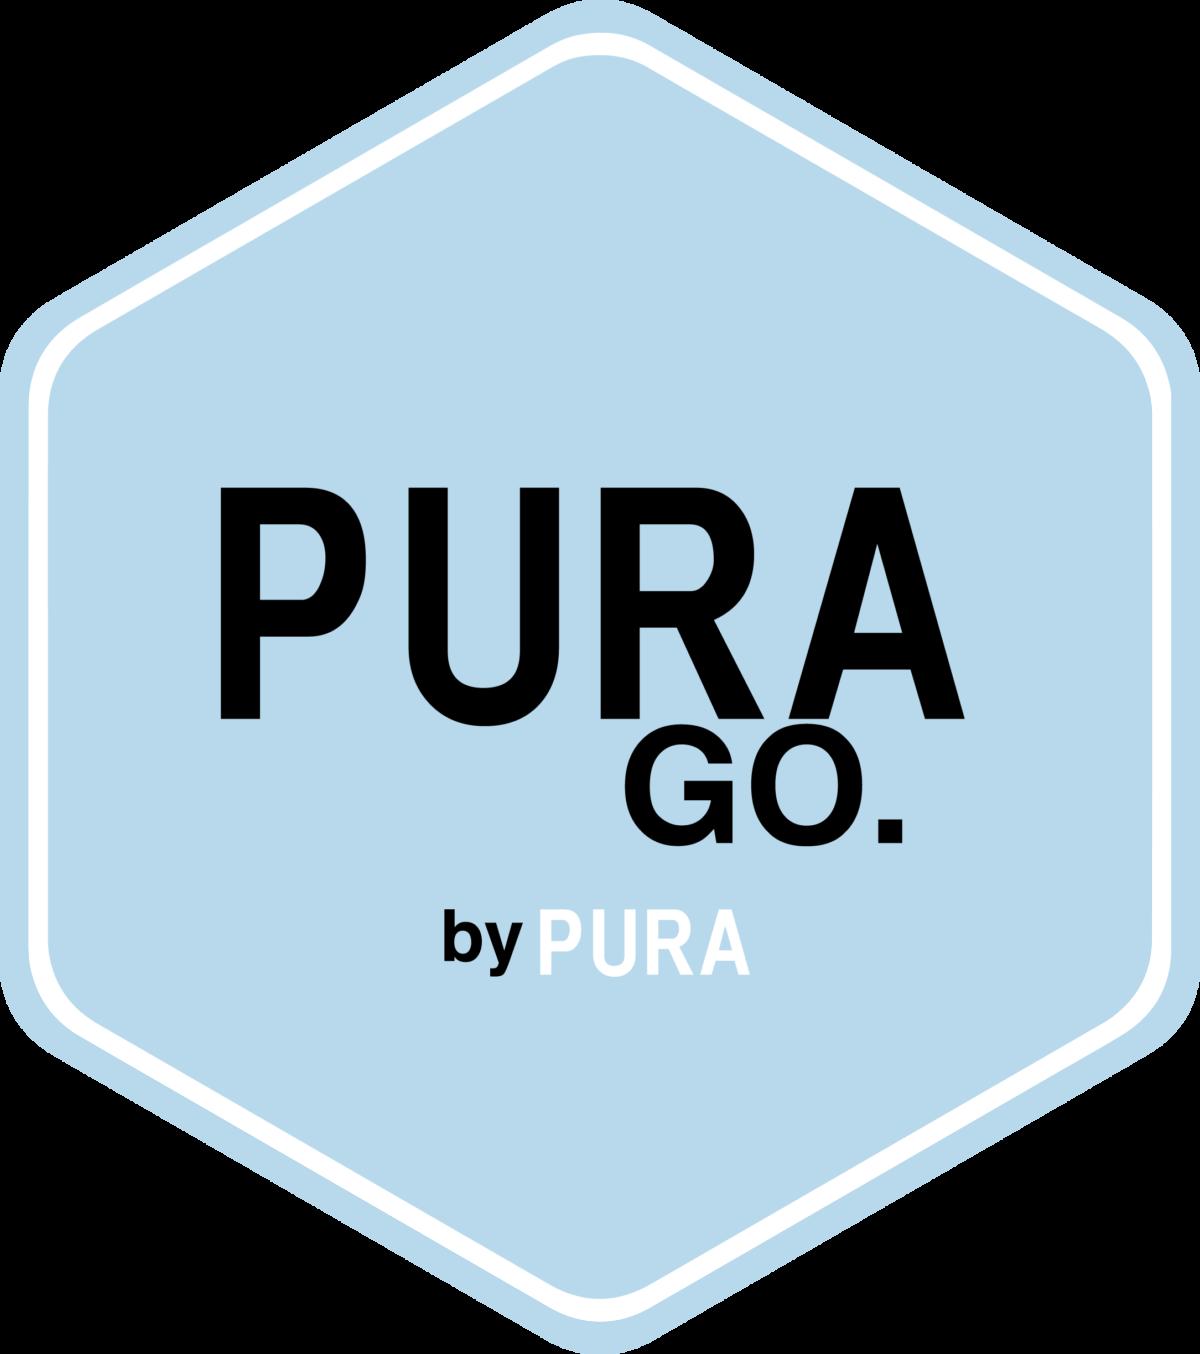 PURA GO